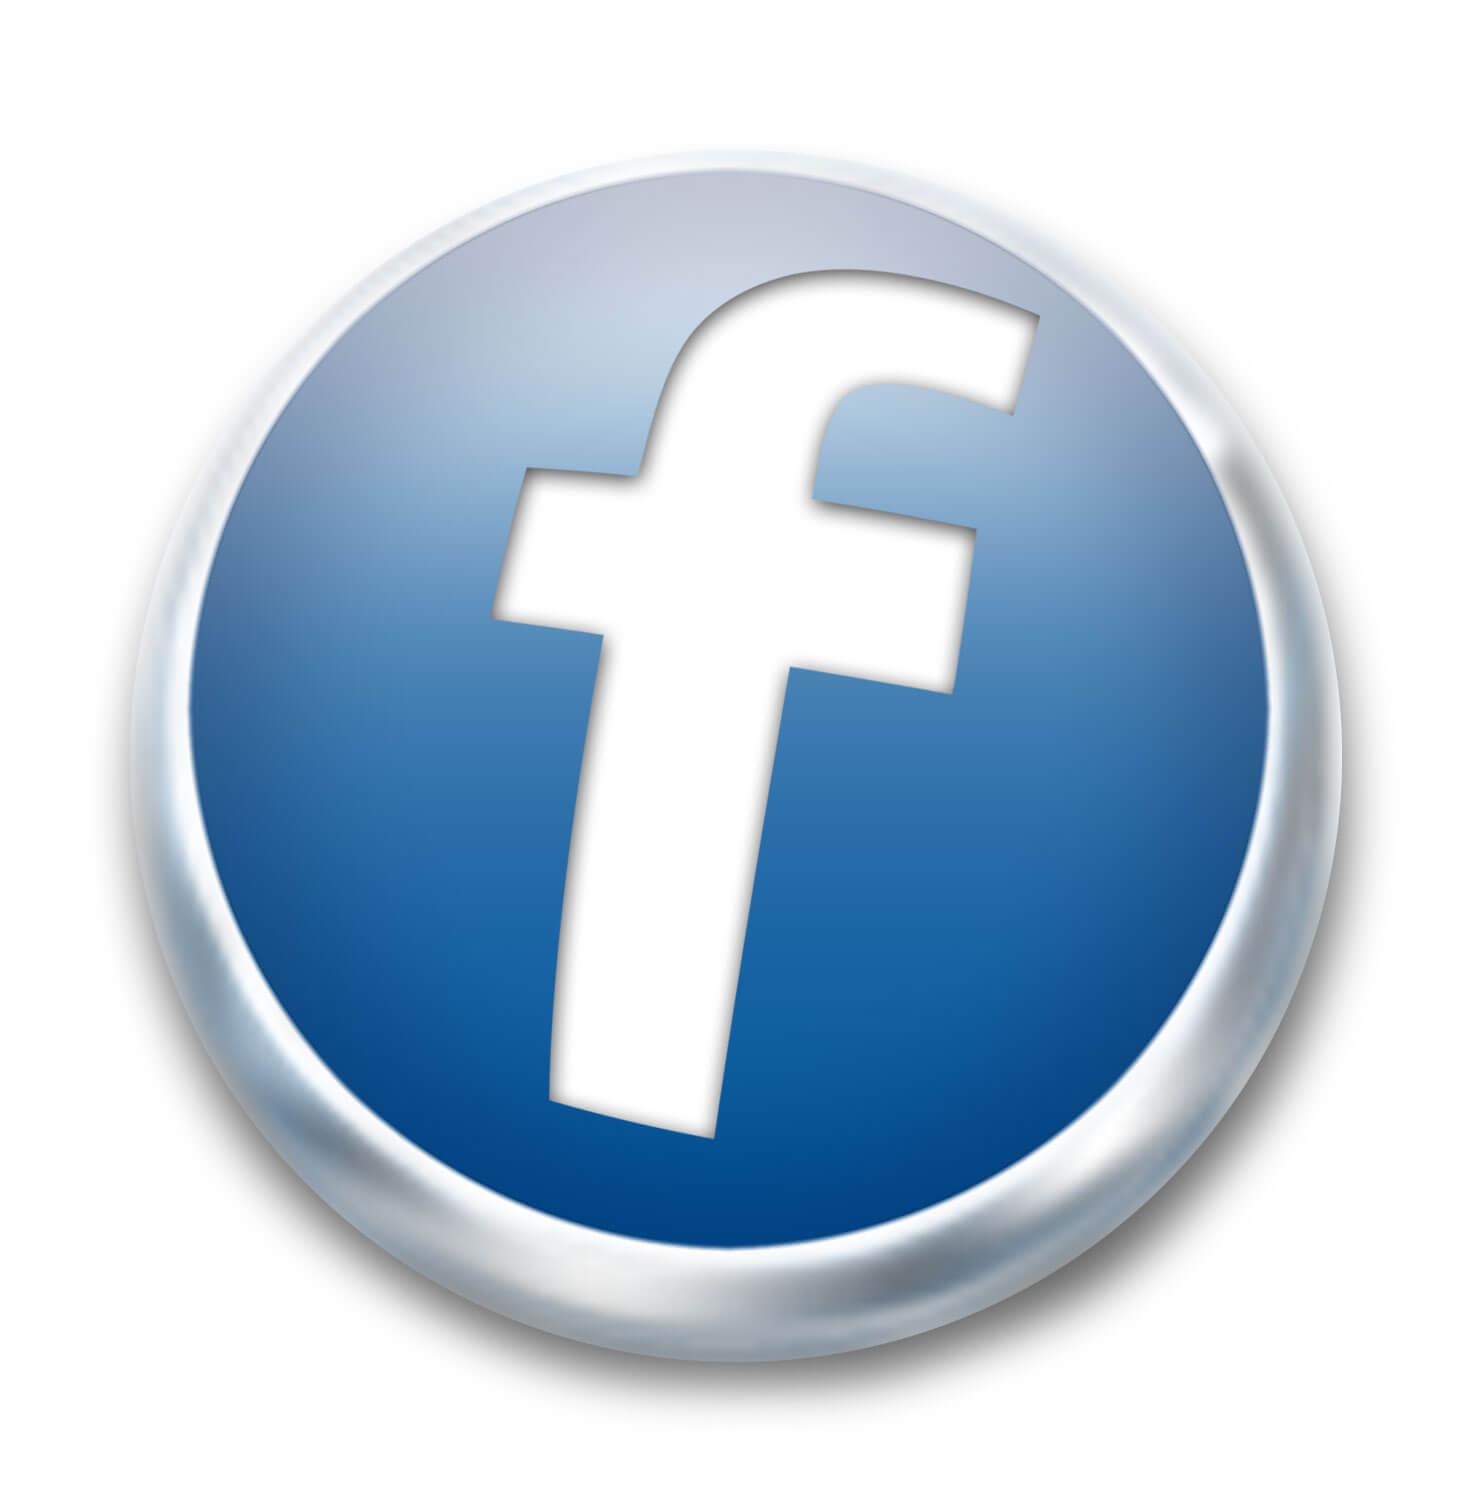 Газета ру социальная сеть facebook